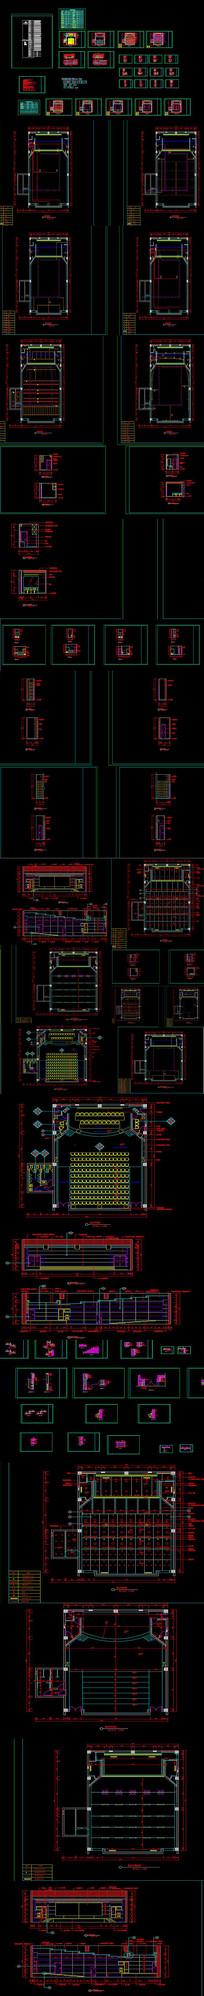 报告厅声学设计装修CAD图